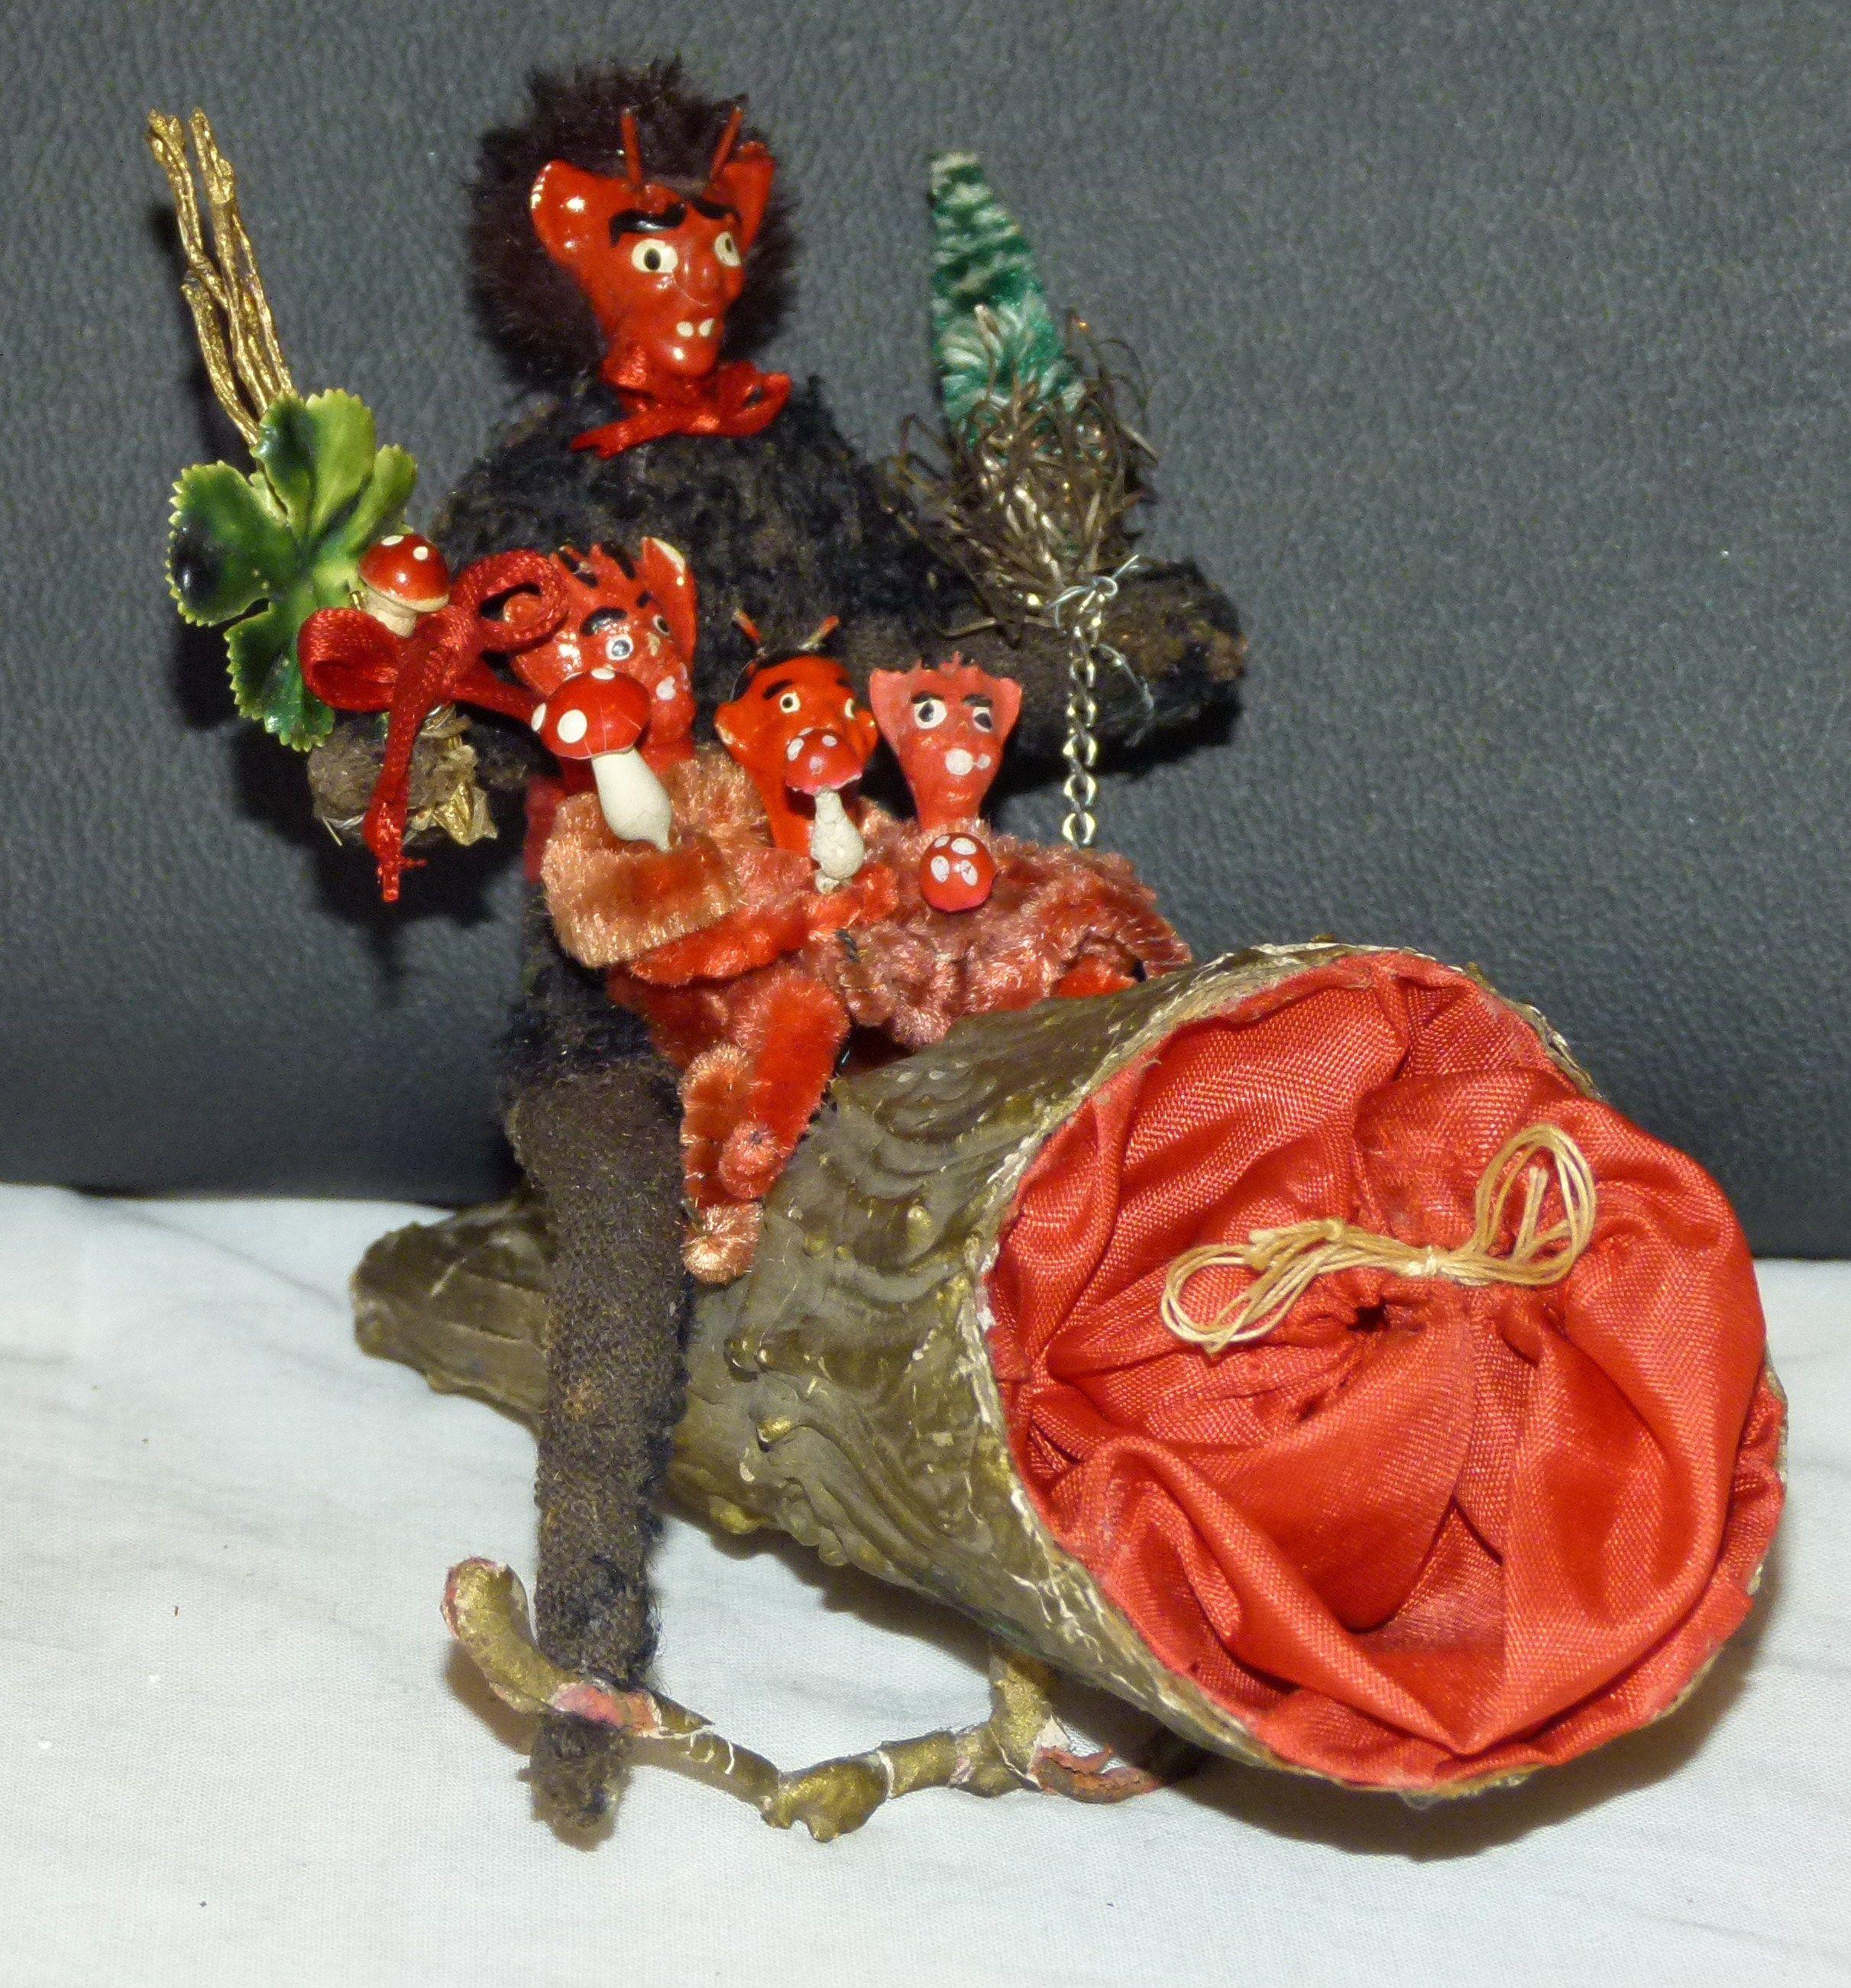 Krampus Decoration (With images) | Krampus, Halloween ...